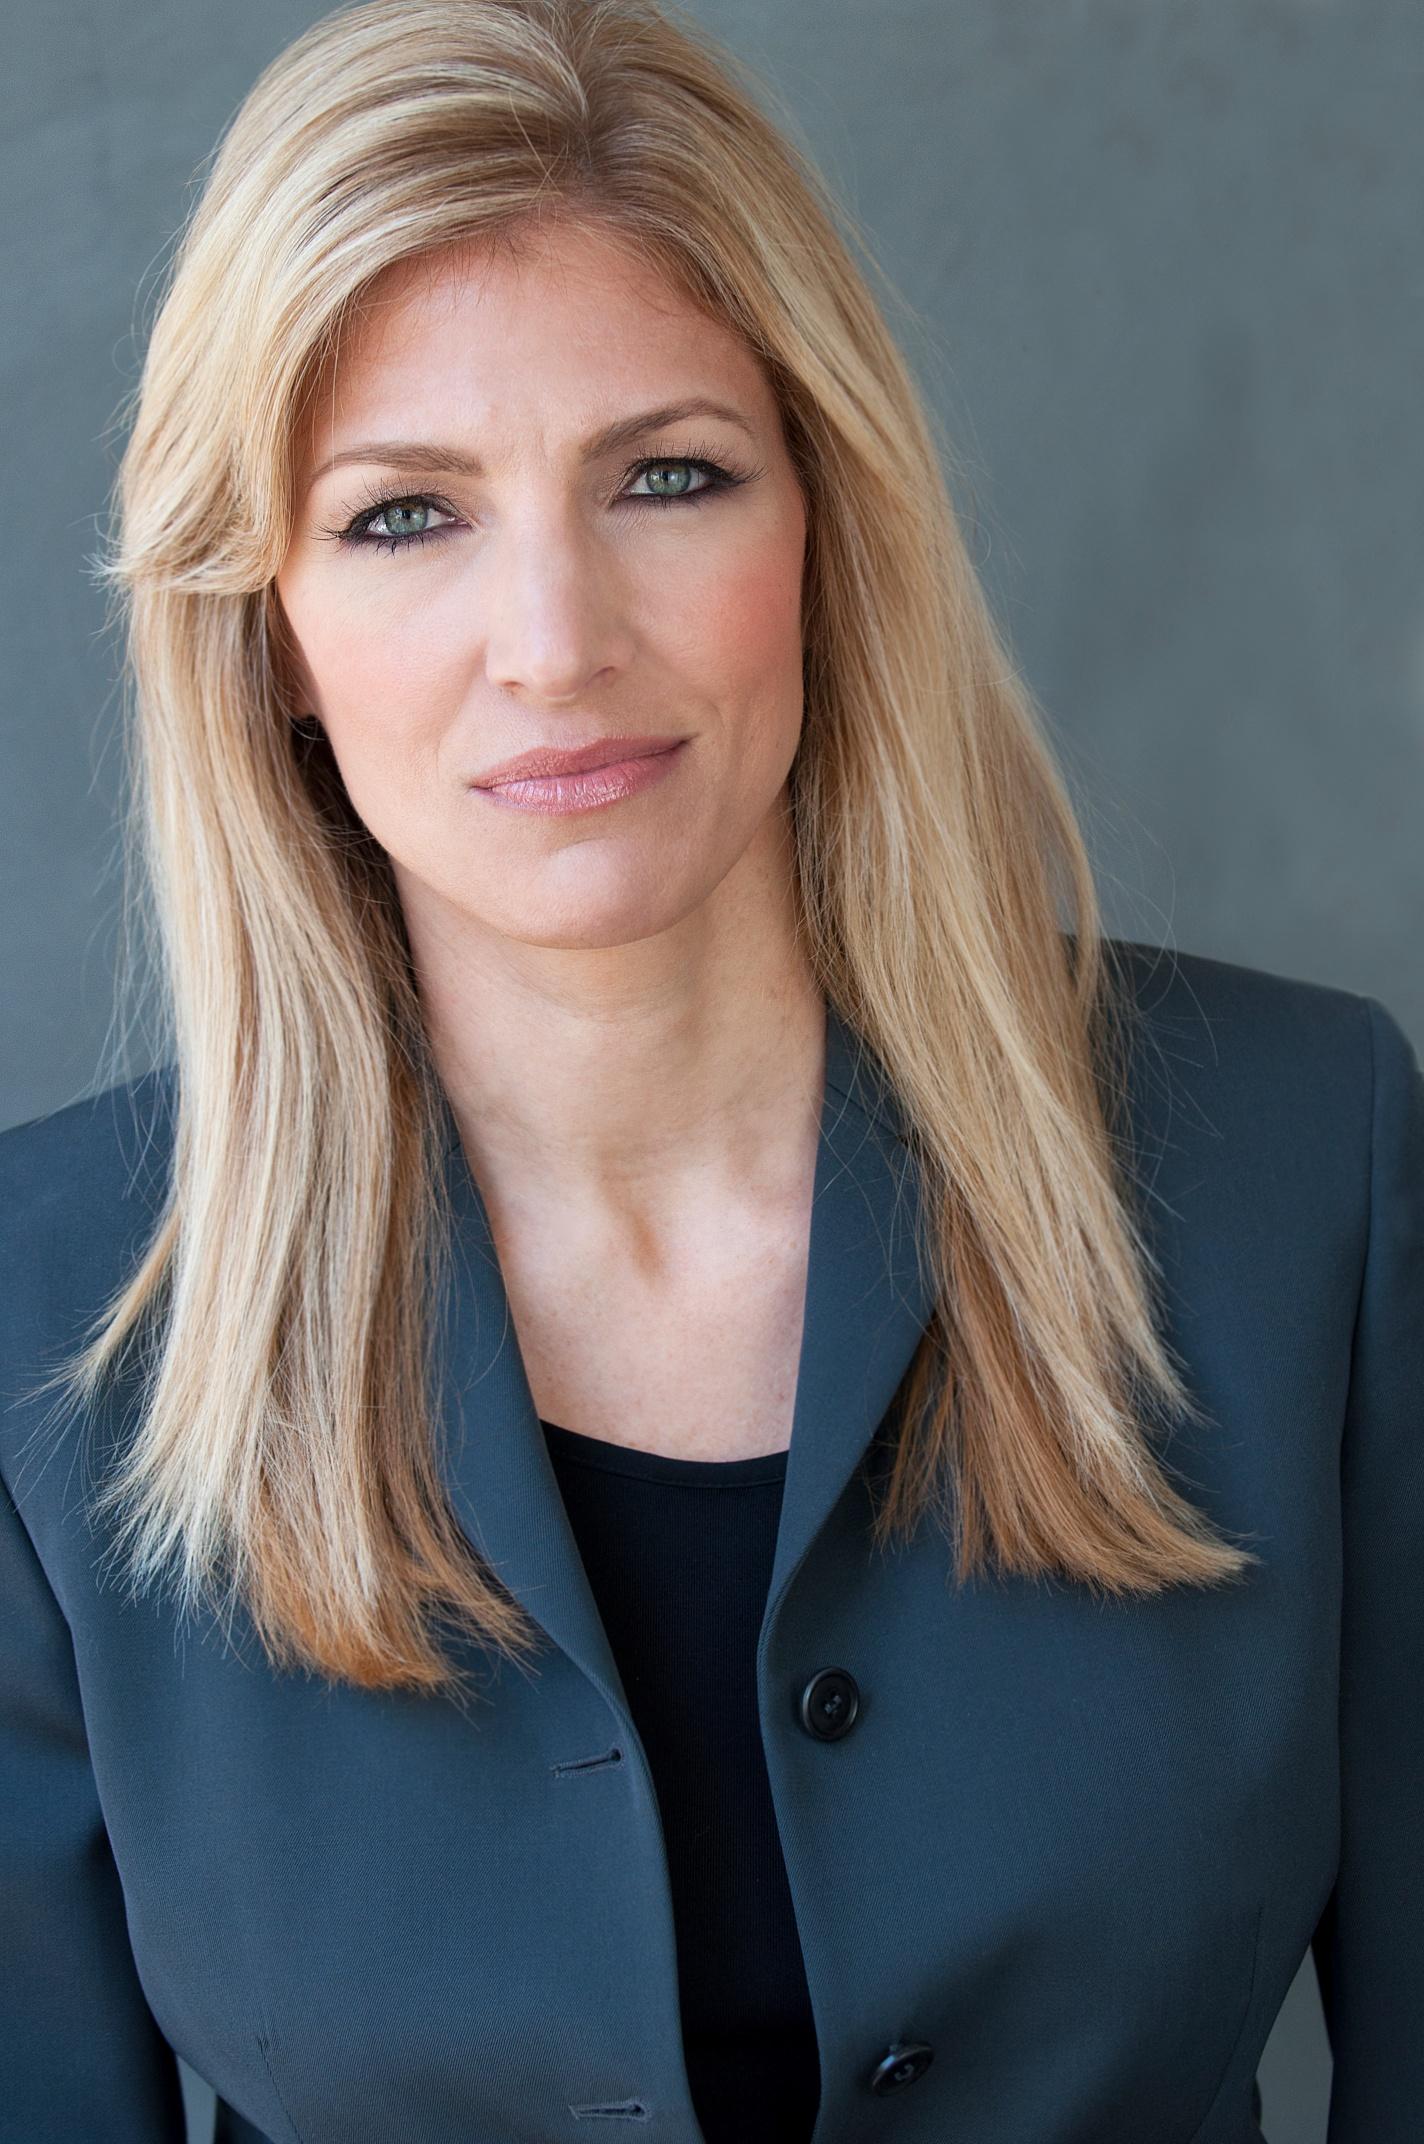 Amy Seddon Ebert